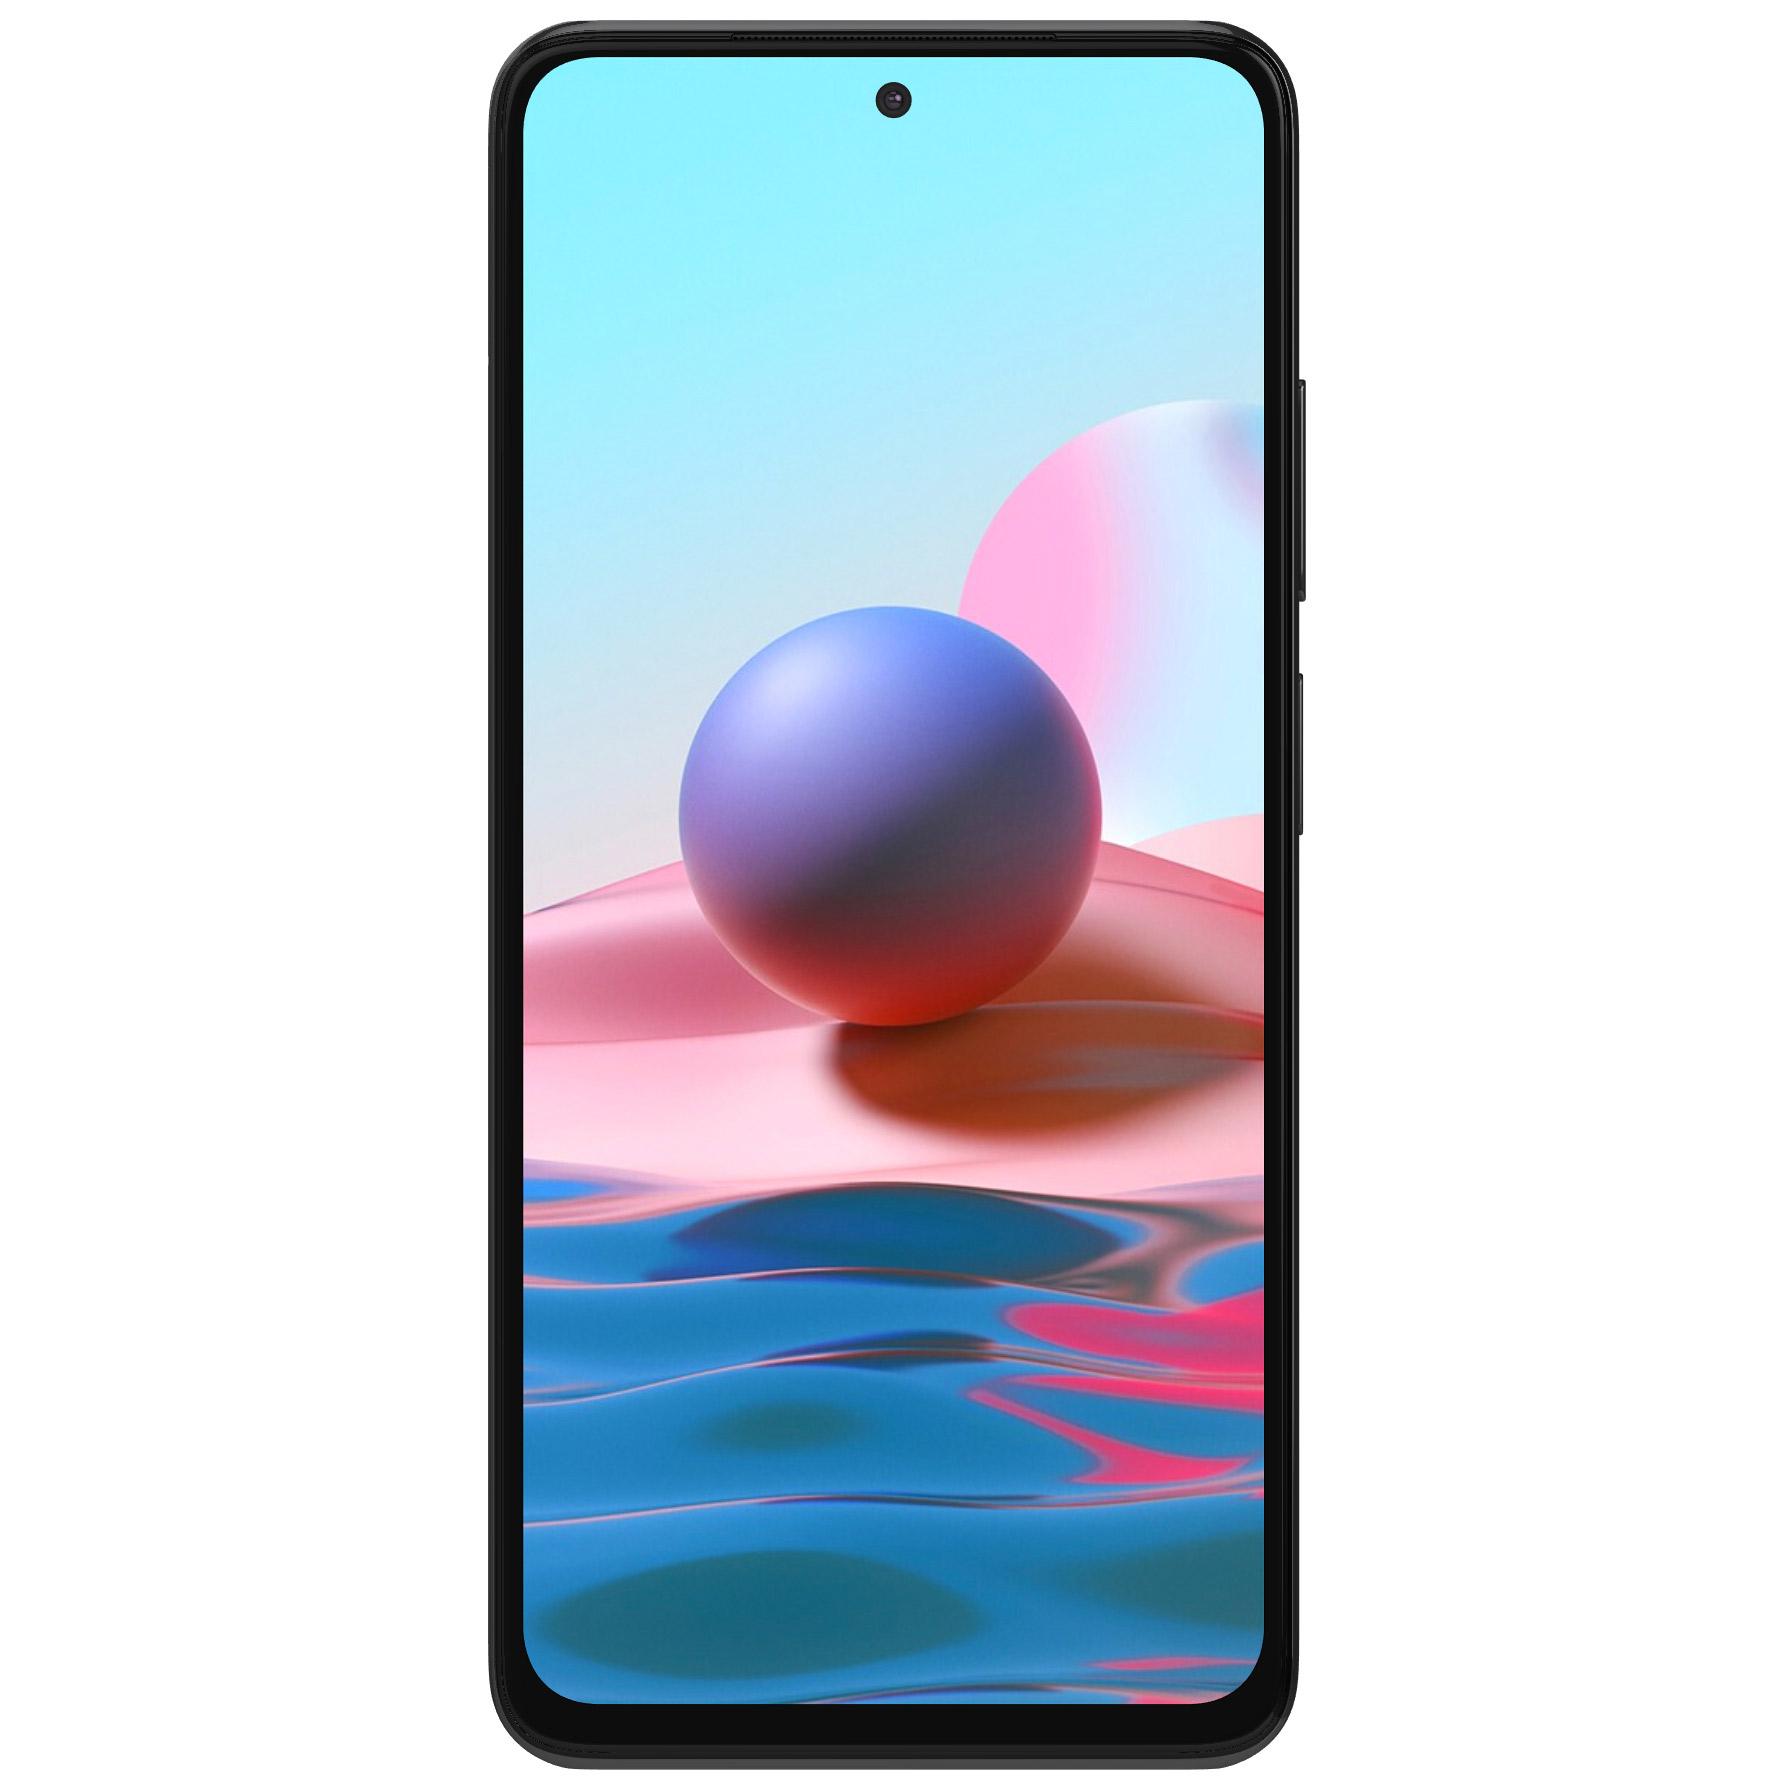 فروش نقدی و اقساطی گوشی موبایل شیائومی مدل Redmi Note 10 M2101K7AG دو سیم کارت ظرفیت 128 گیگابایت و رم 6 گیگابایت